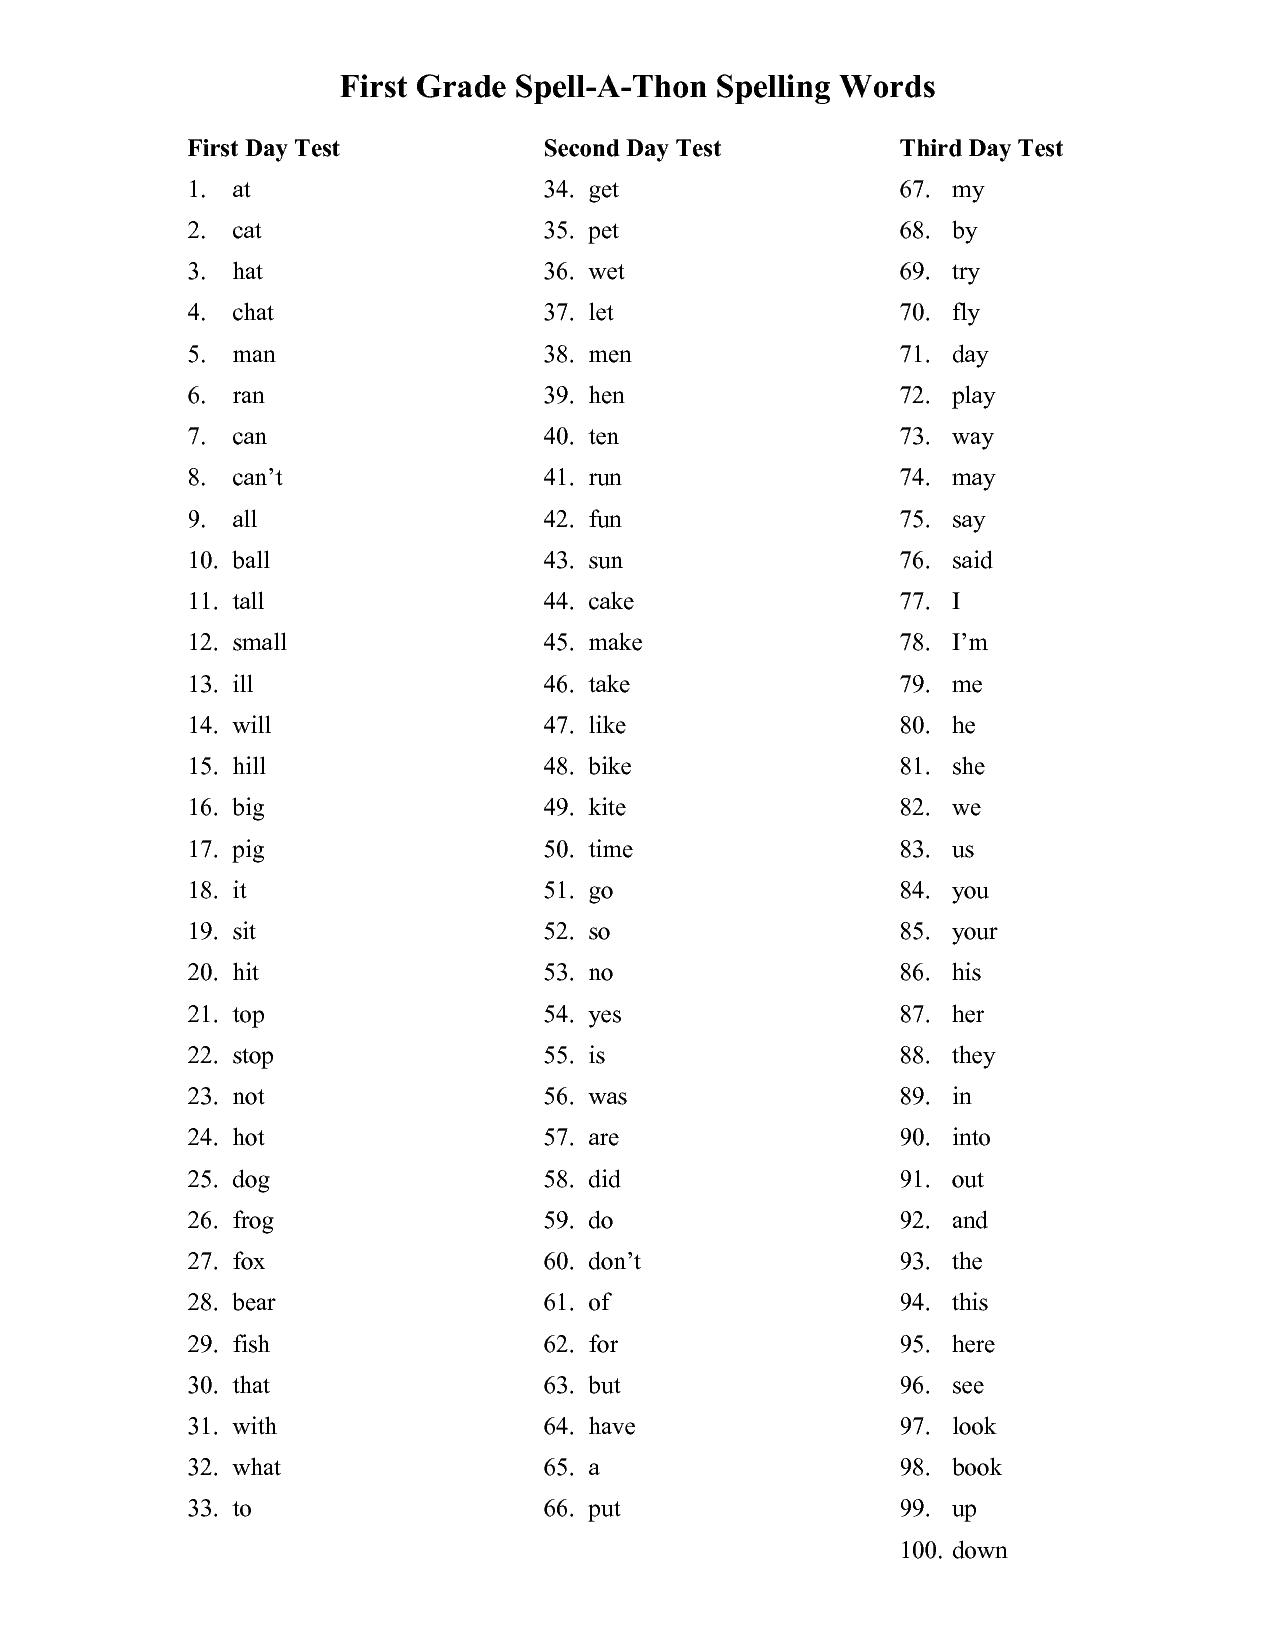 7th Grade Spelling Words Worksheet